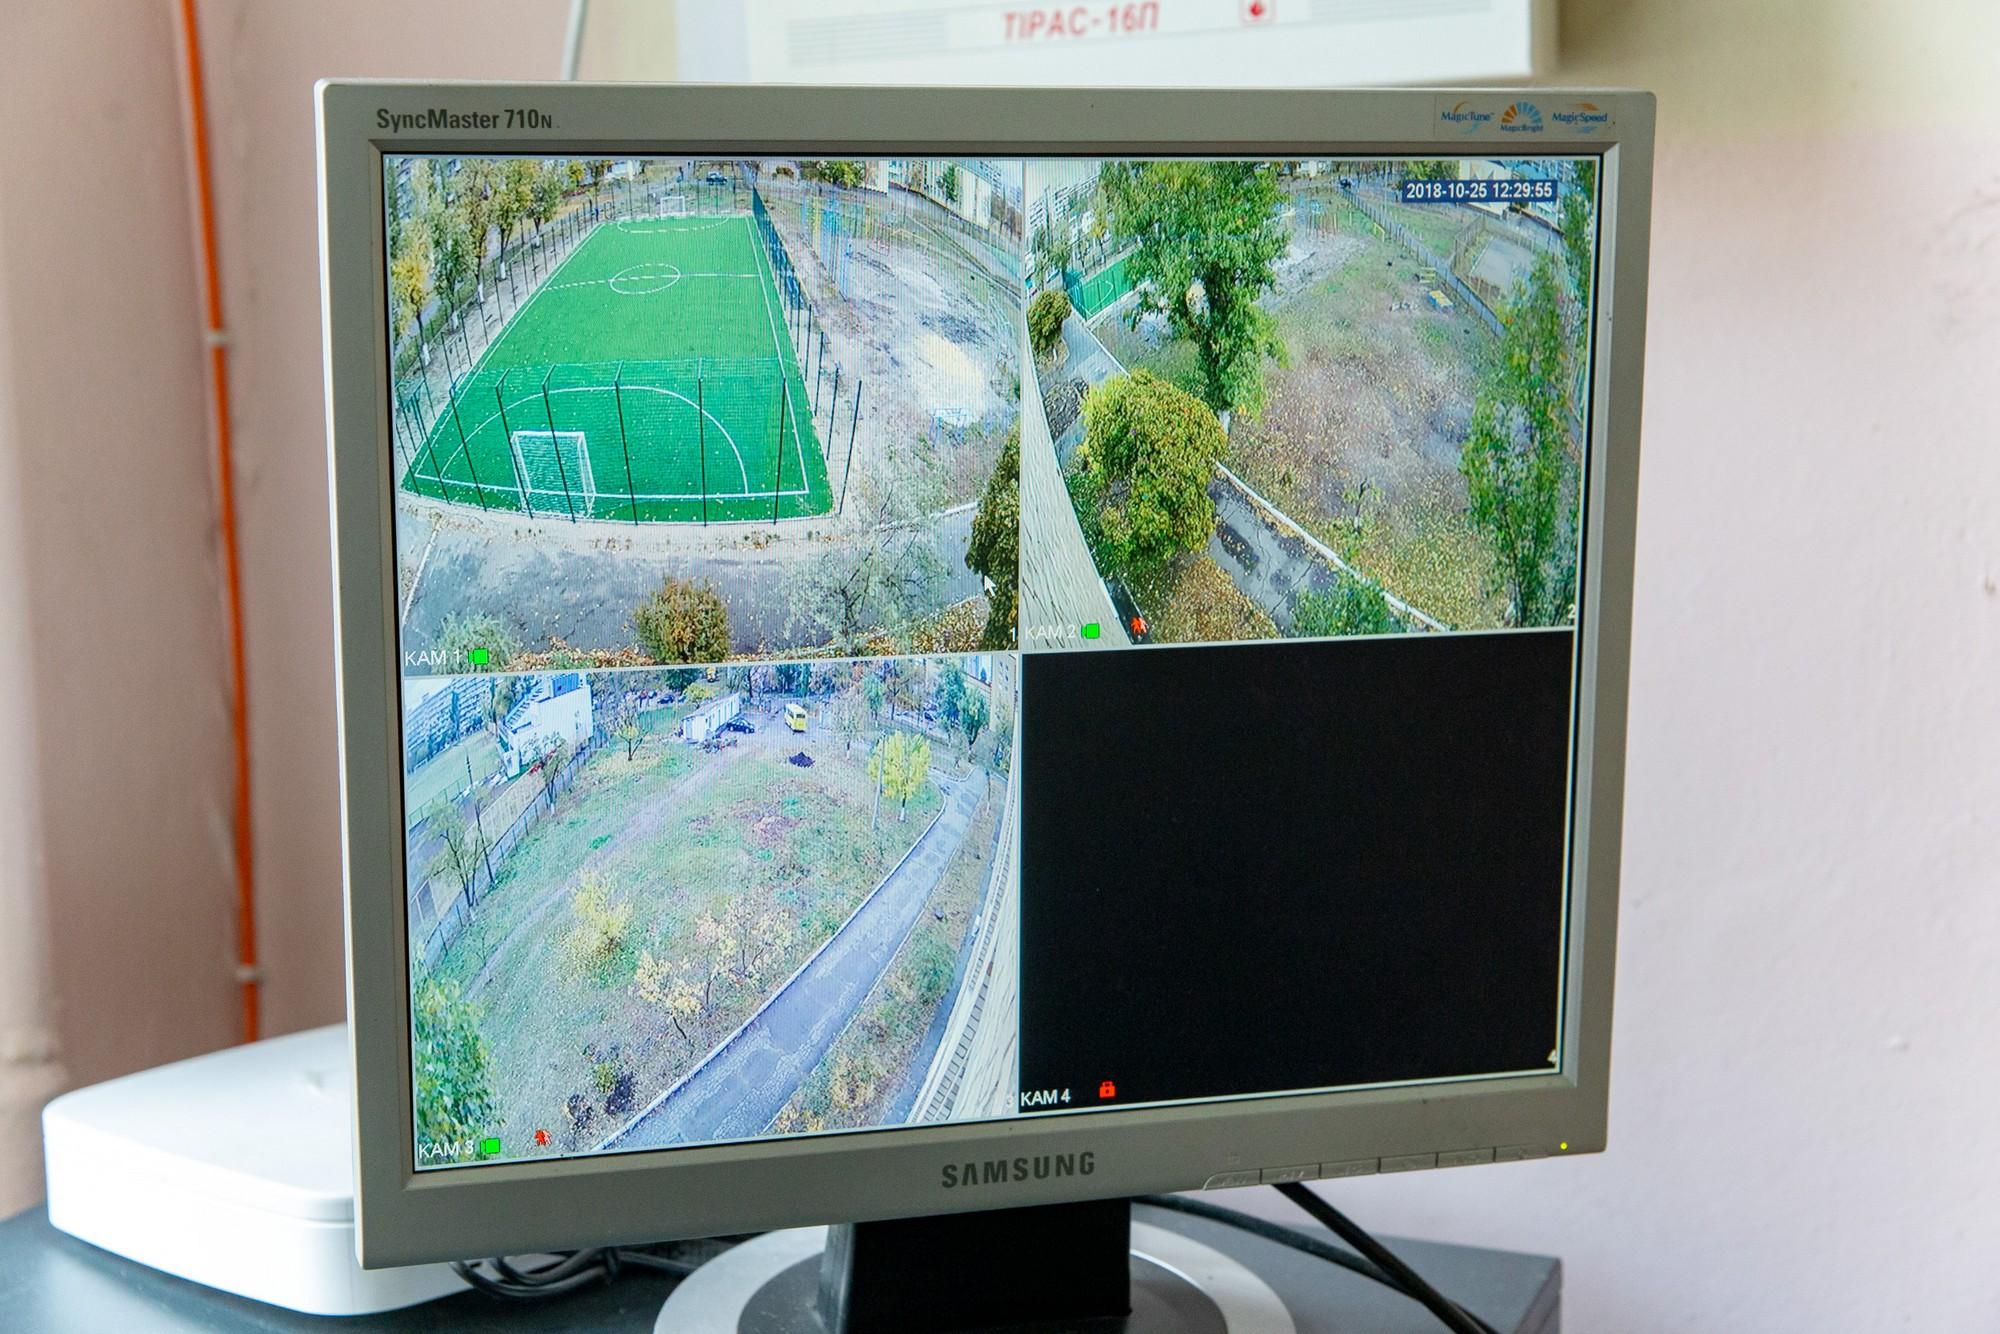 КГГА планирует подключить все камеры видеонаблюдения в школах и детсадах Киева к городскому дата-центру